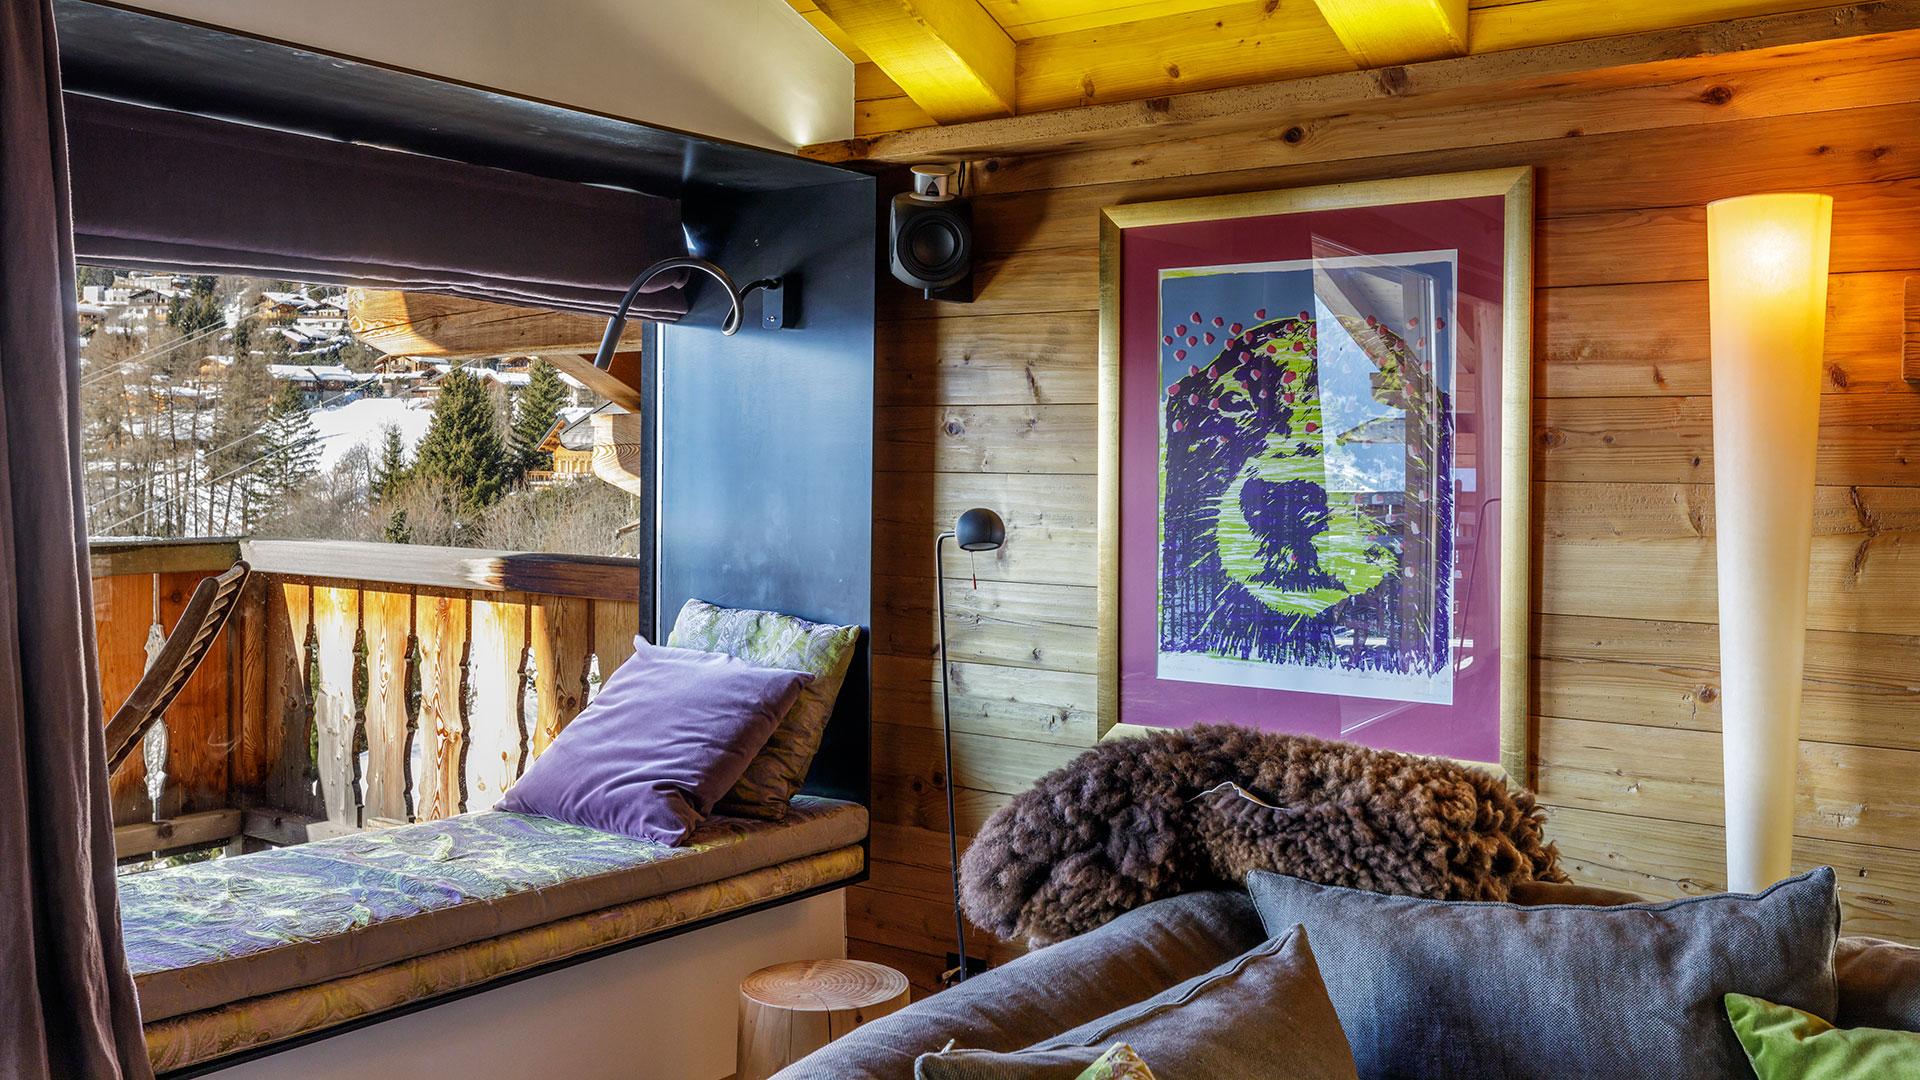 Chalet Vermont Chalet, Switzerland